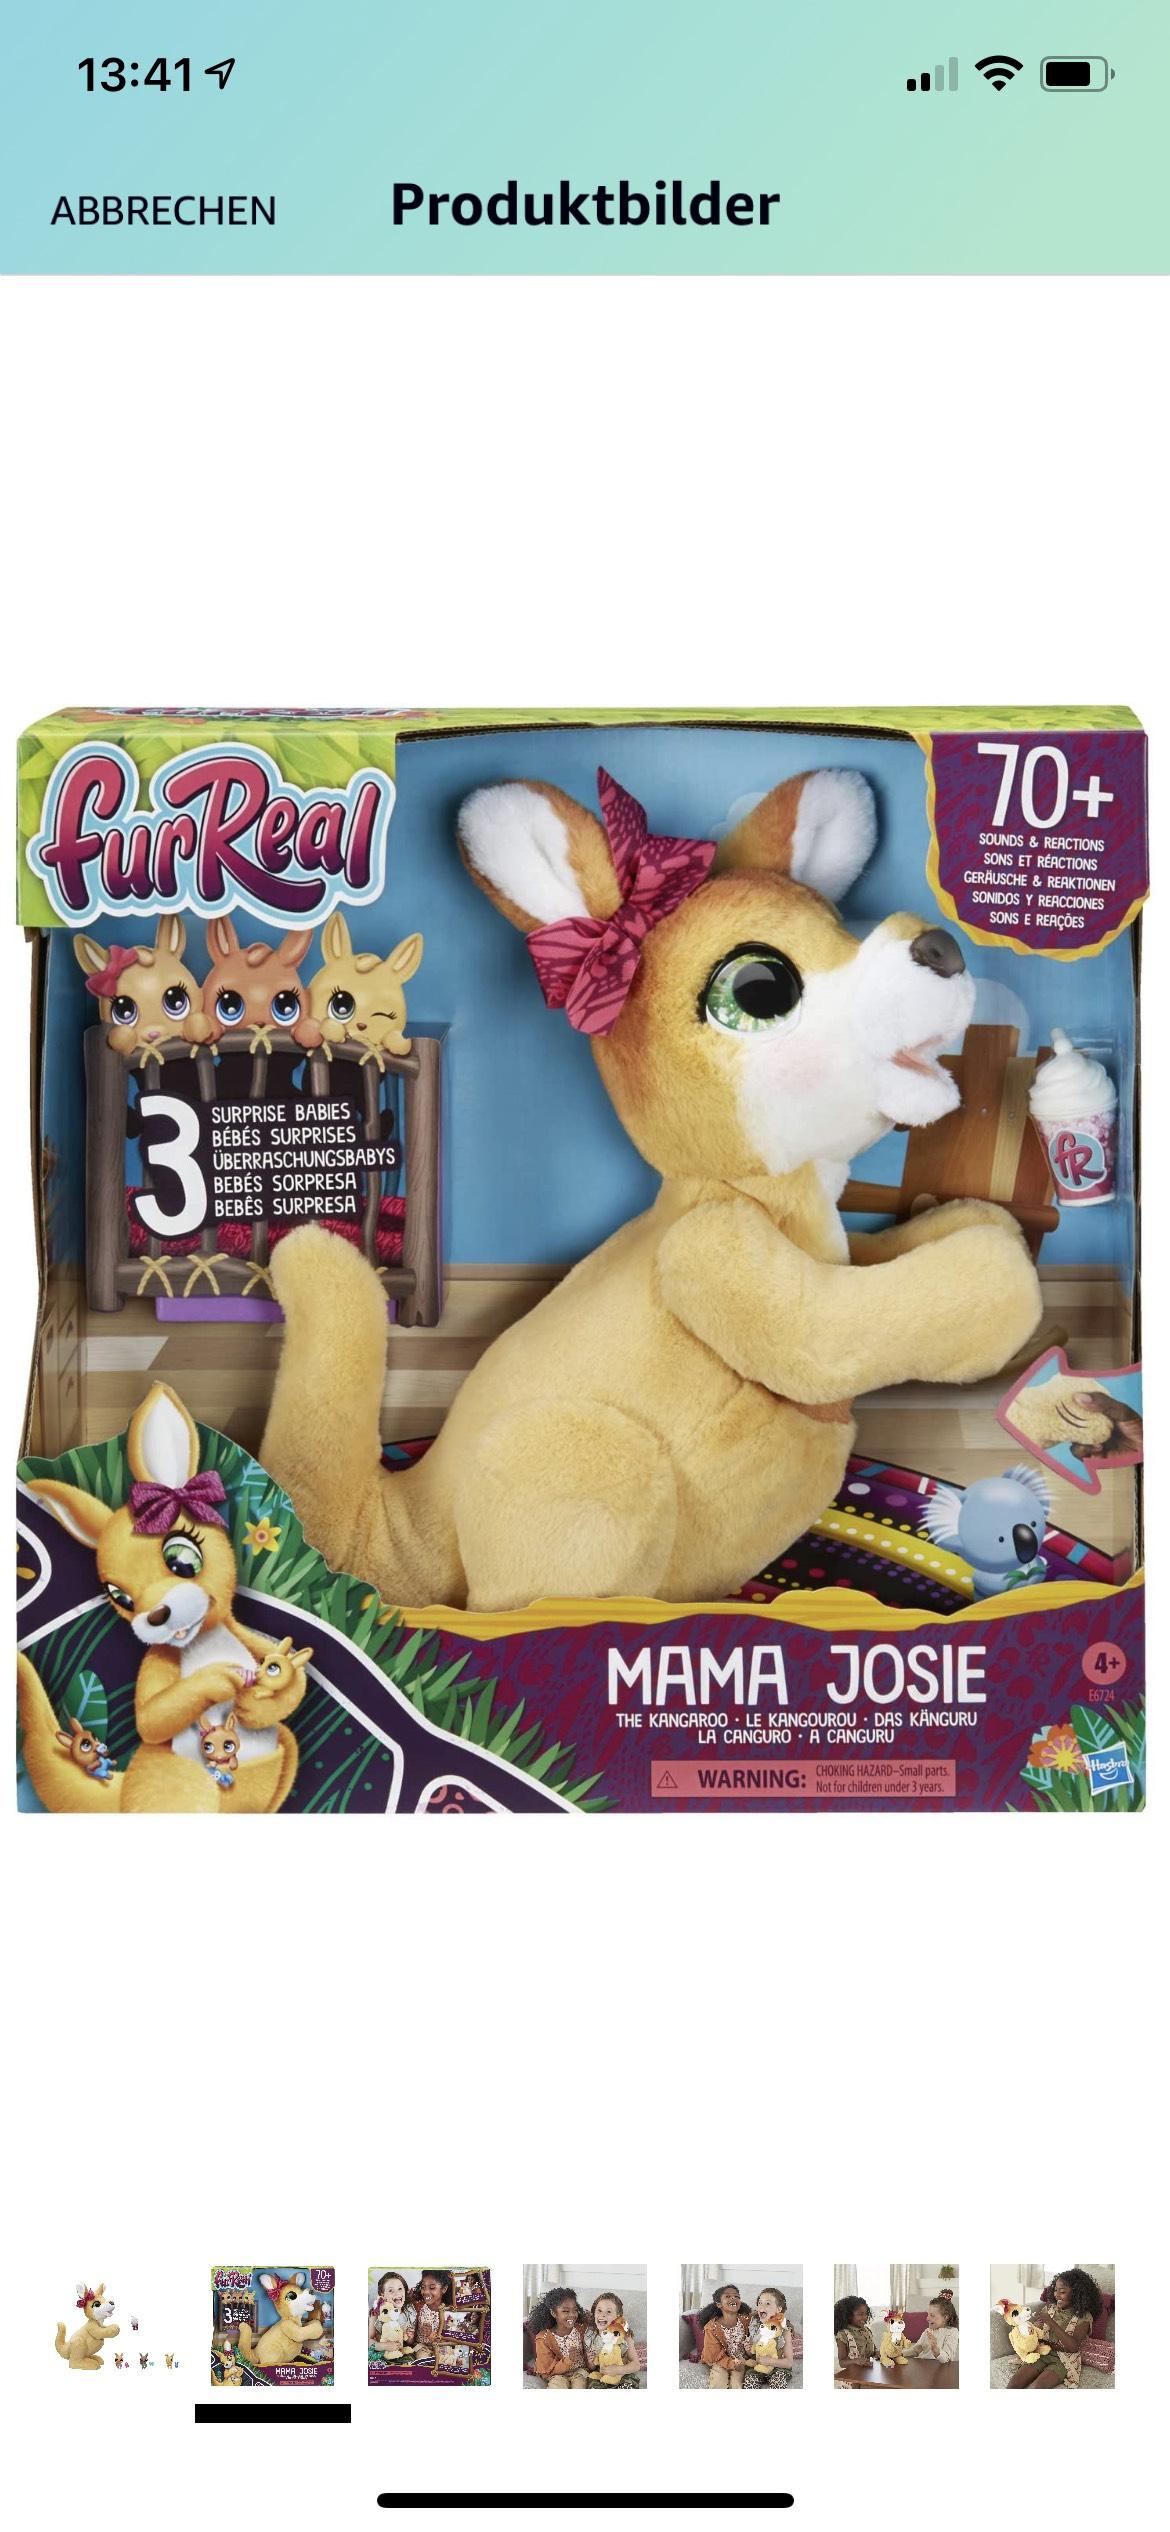 Hasbro E6724 Mama Josie, das Känguru, interaktives Plüschspielzeug, 70+ Geräusche und Reaktionen, ab 4 Jahren